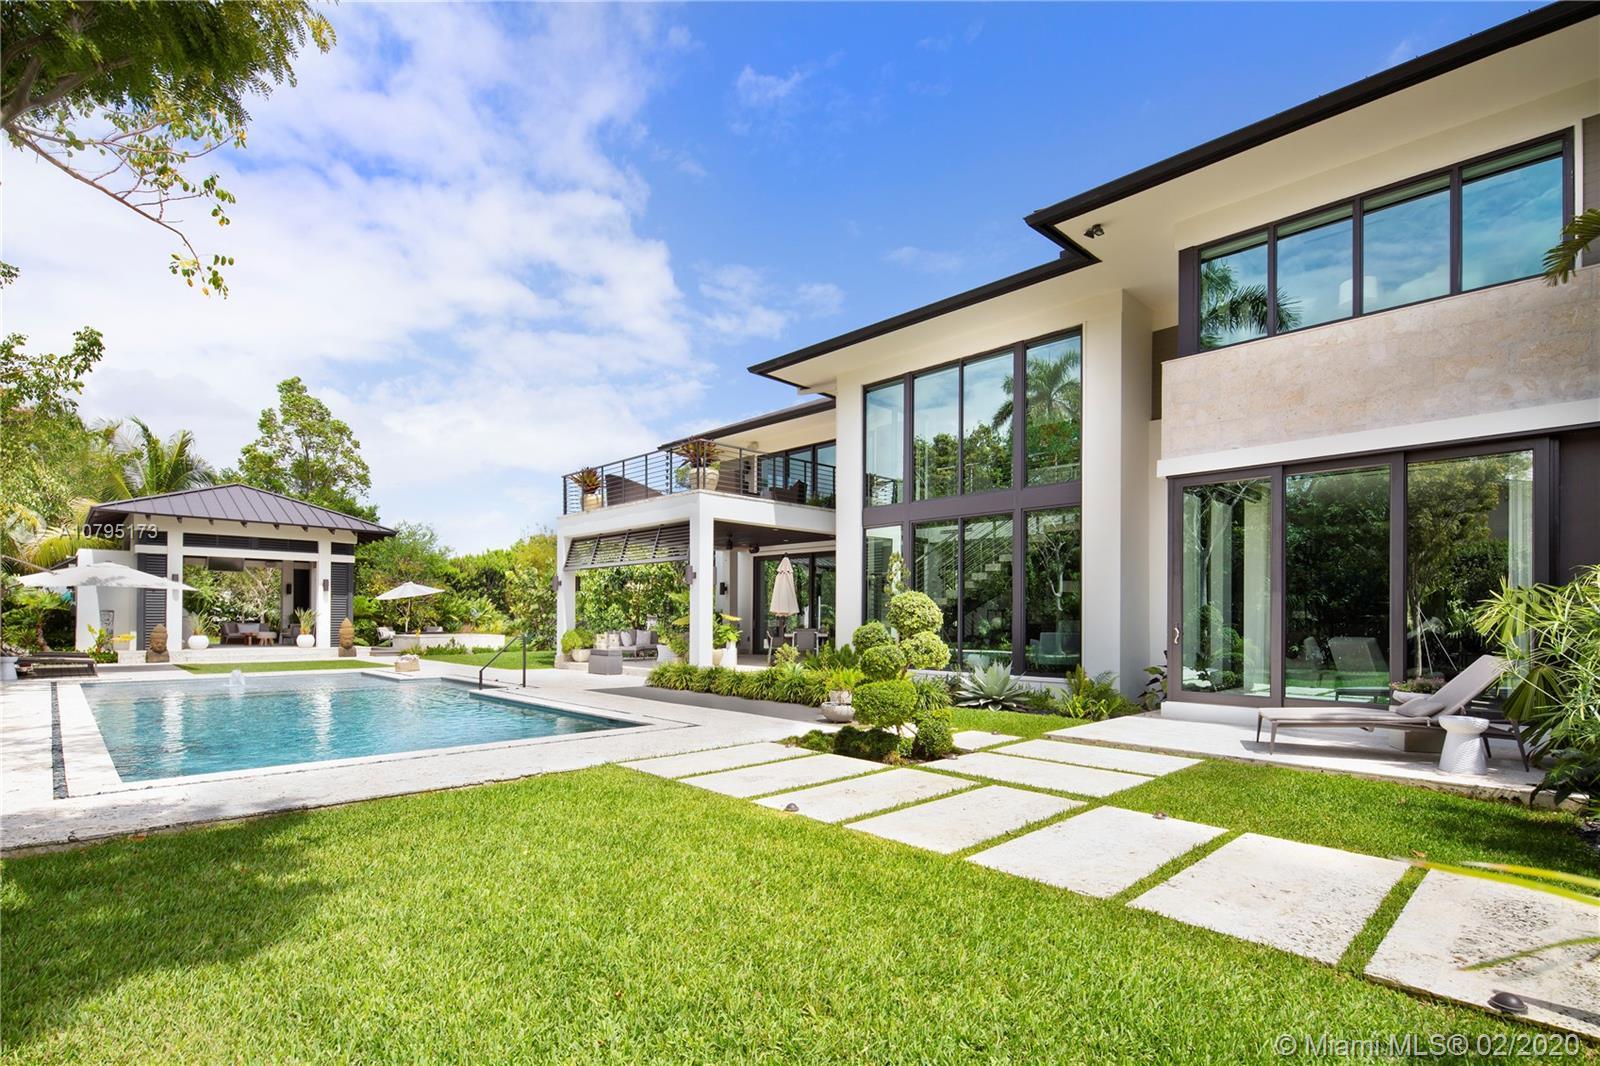 4965/4945 SW 82 Street, Miami, FL 33143